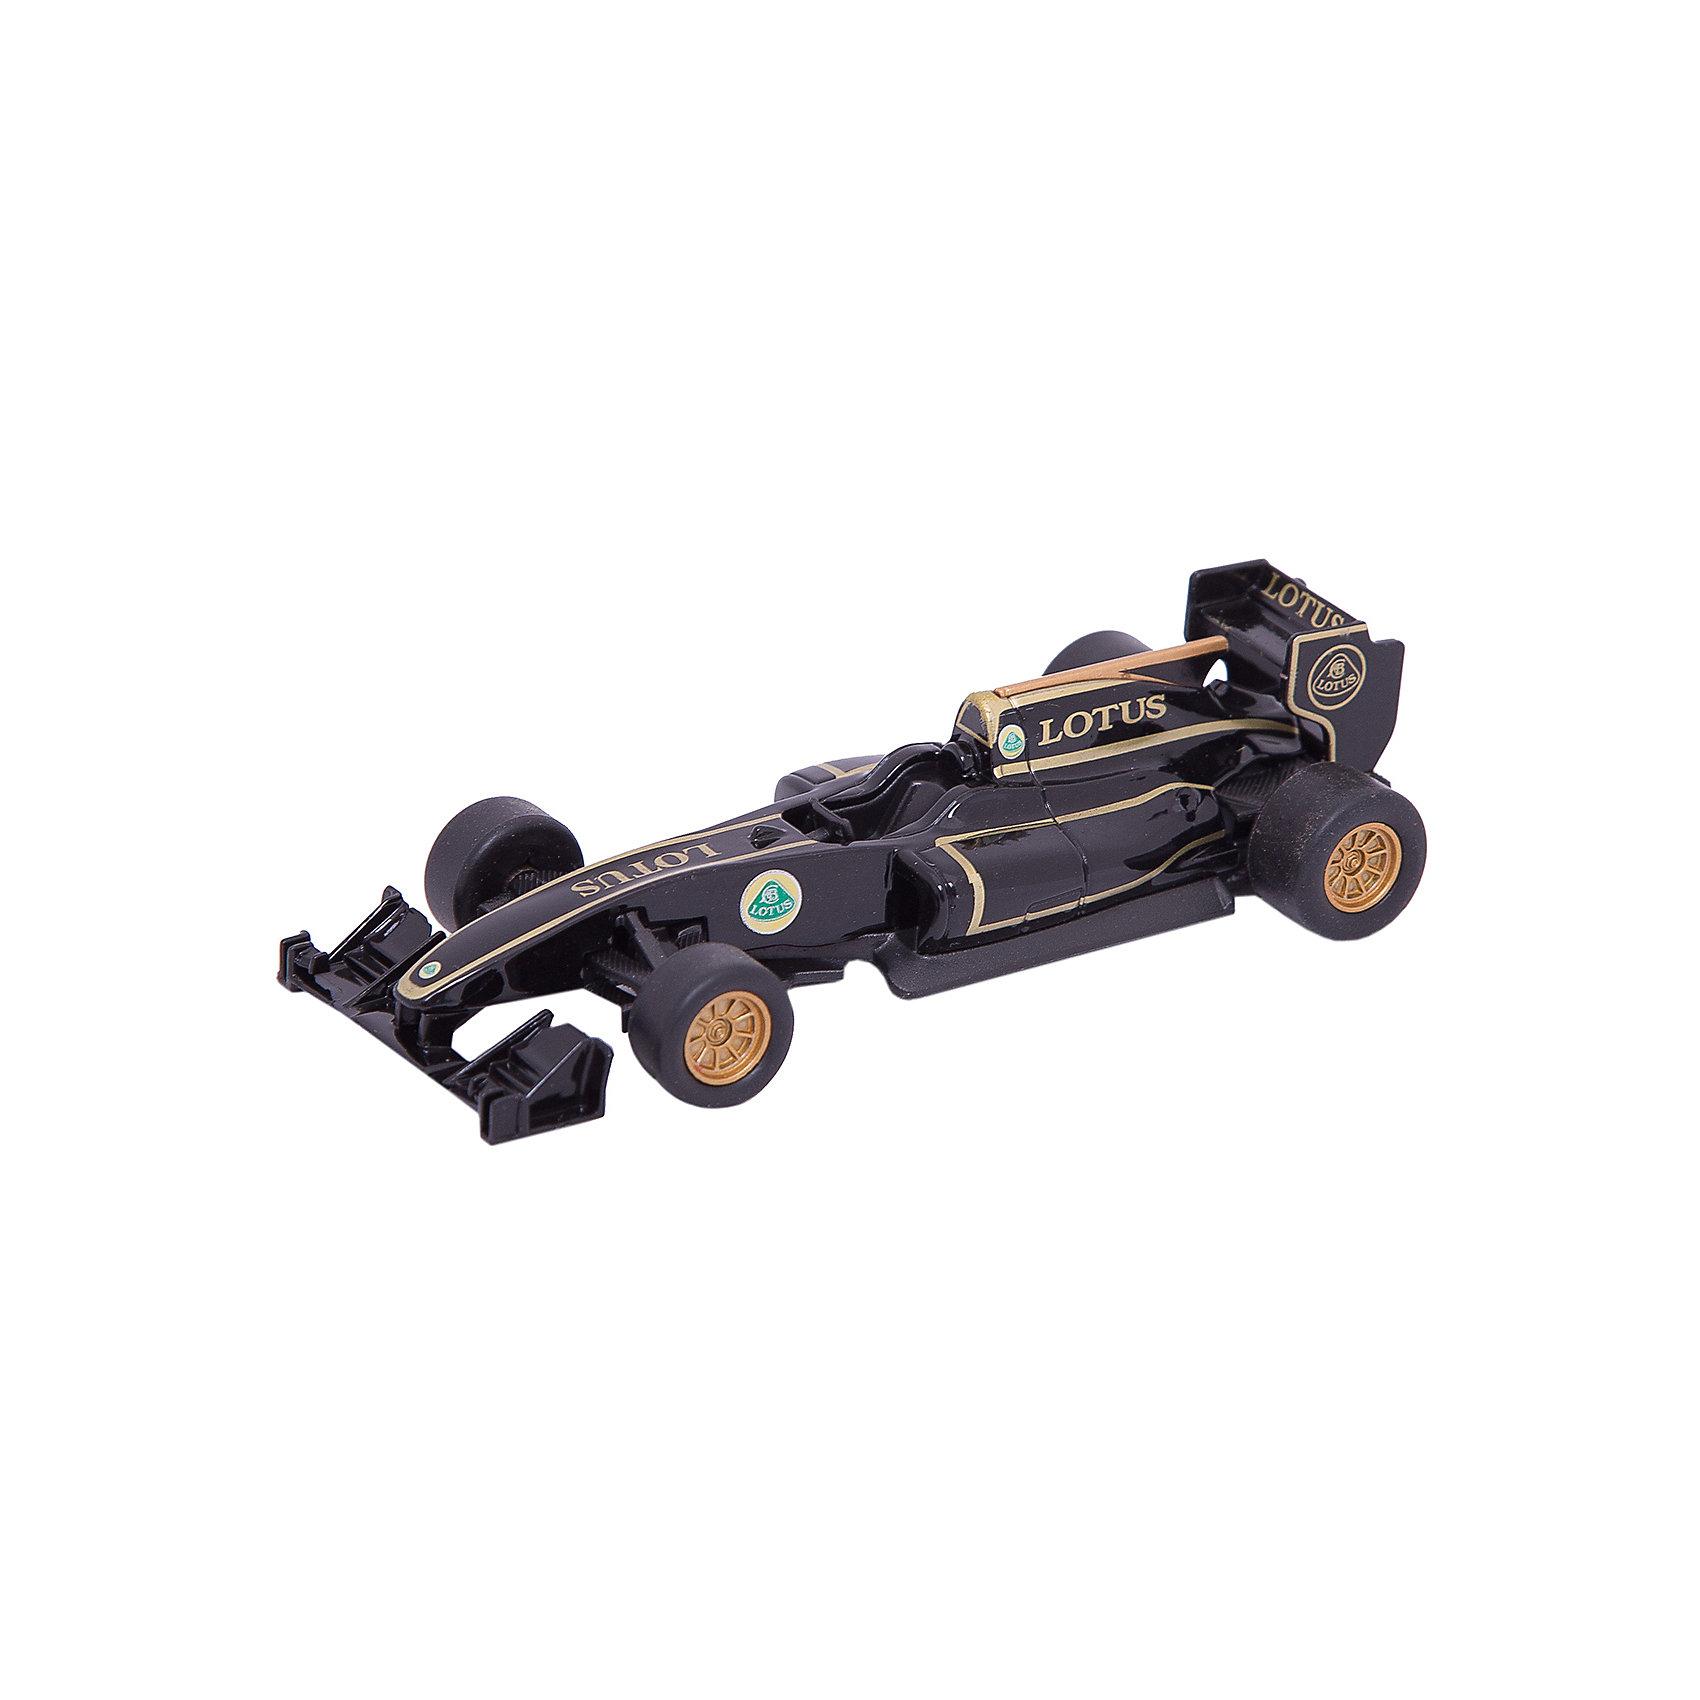 Модель машины 1:34-39 Lotus T125, WellyКоллекционные модели<br>Машинка Welly представлена в виде модели масштабом 1:34-39, которая является точной копией автомобиля Lotus T125. Функции: инерционный механизм.<br>Цвет кузова автомобиля представлен в ассортименте. Выбрать определенный цвет заранее не представляется возможным.<br><br>Ширина мм: 150<br>Глубина мм: 110<br>Высота мм: 60<br>Вес г: 80<br>Возраст от месяцев: 36<br>Возраст до месяцев: 192<br>Пол: Мужской<br>Возраст: Детский<br>SKU: 4966536